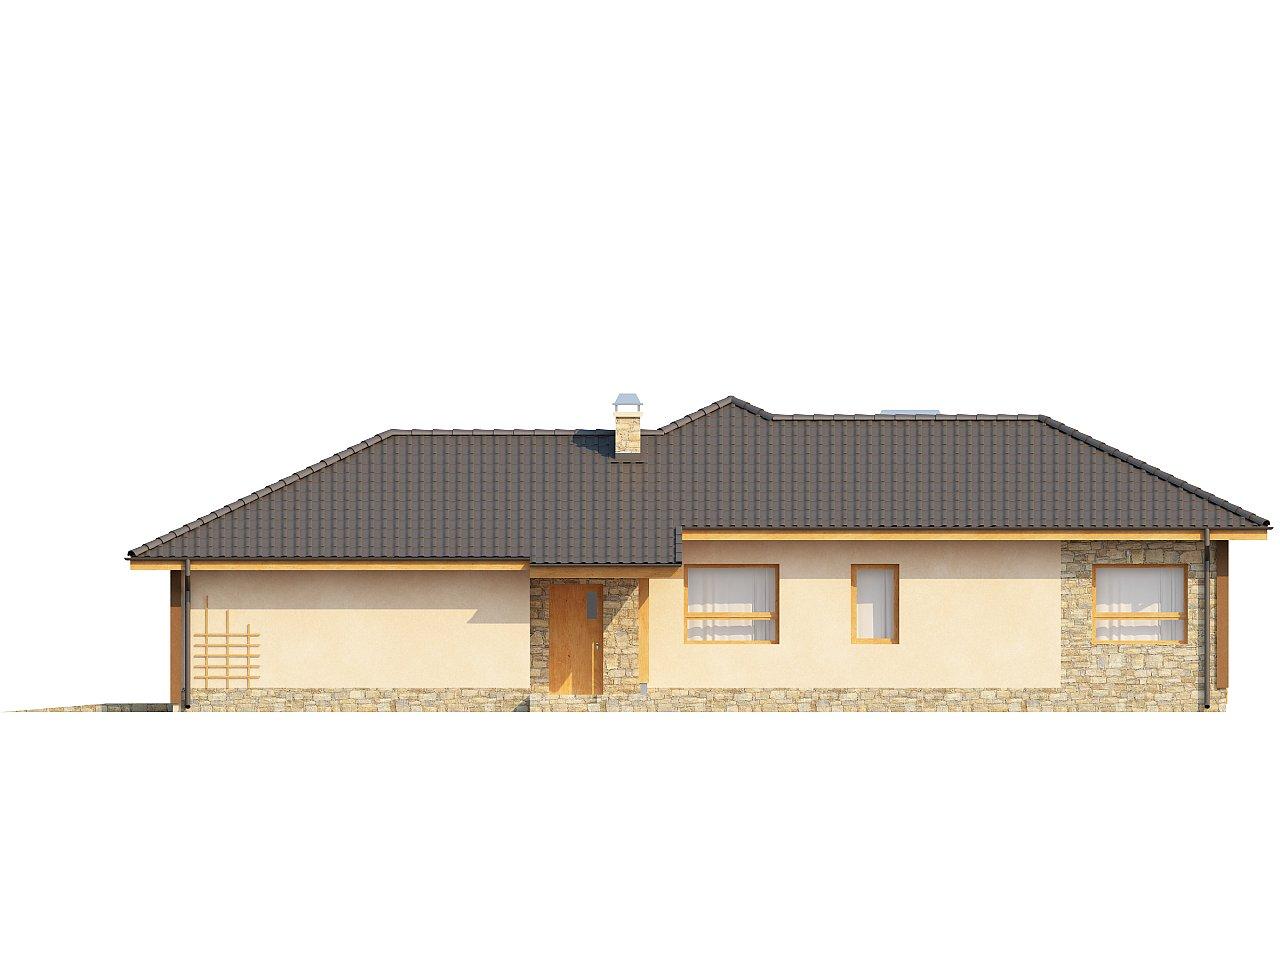 Проект одноэтажного дома с выступающим фронтальным гаражом. - фото 6